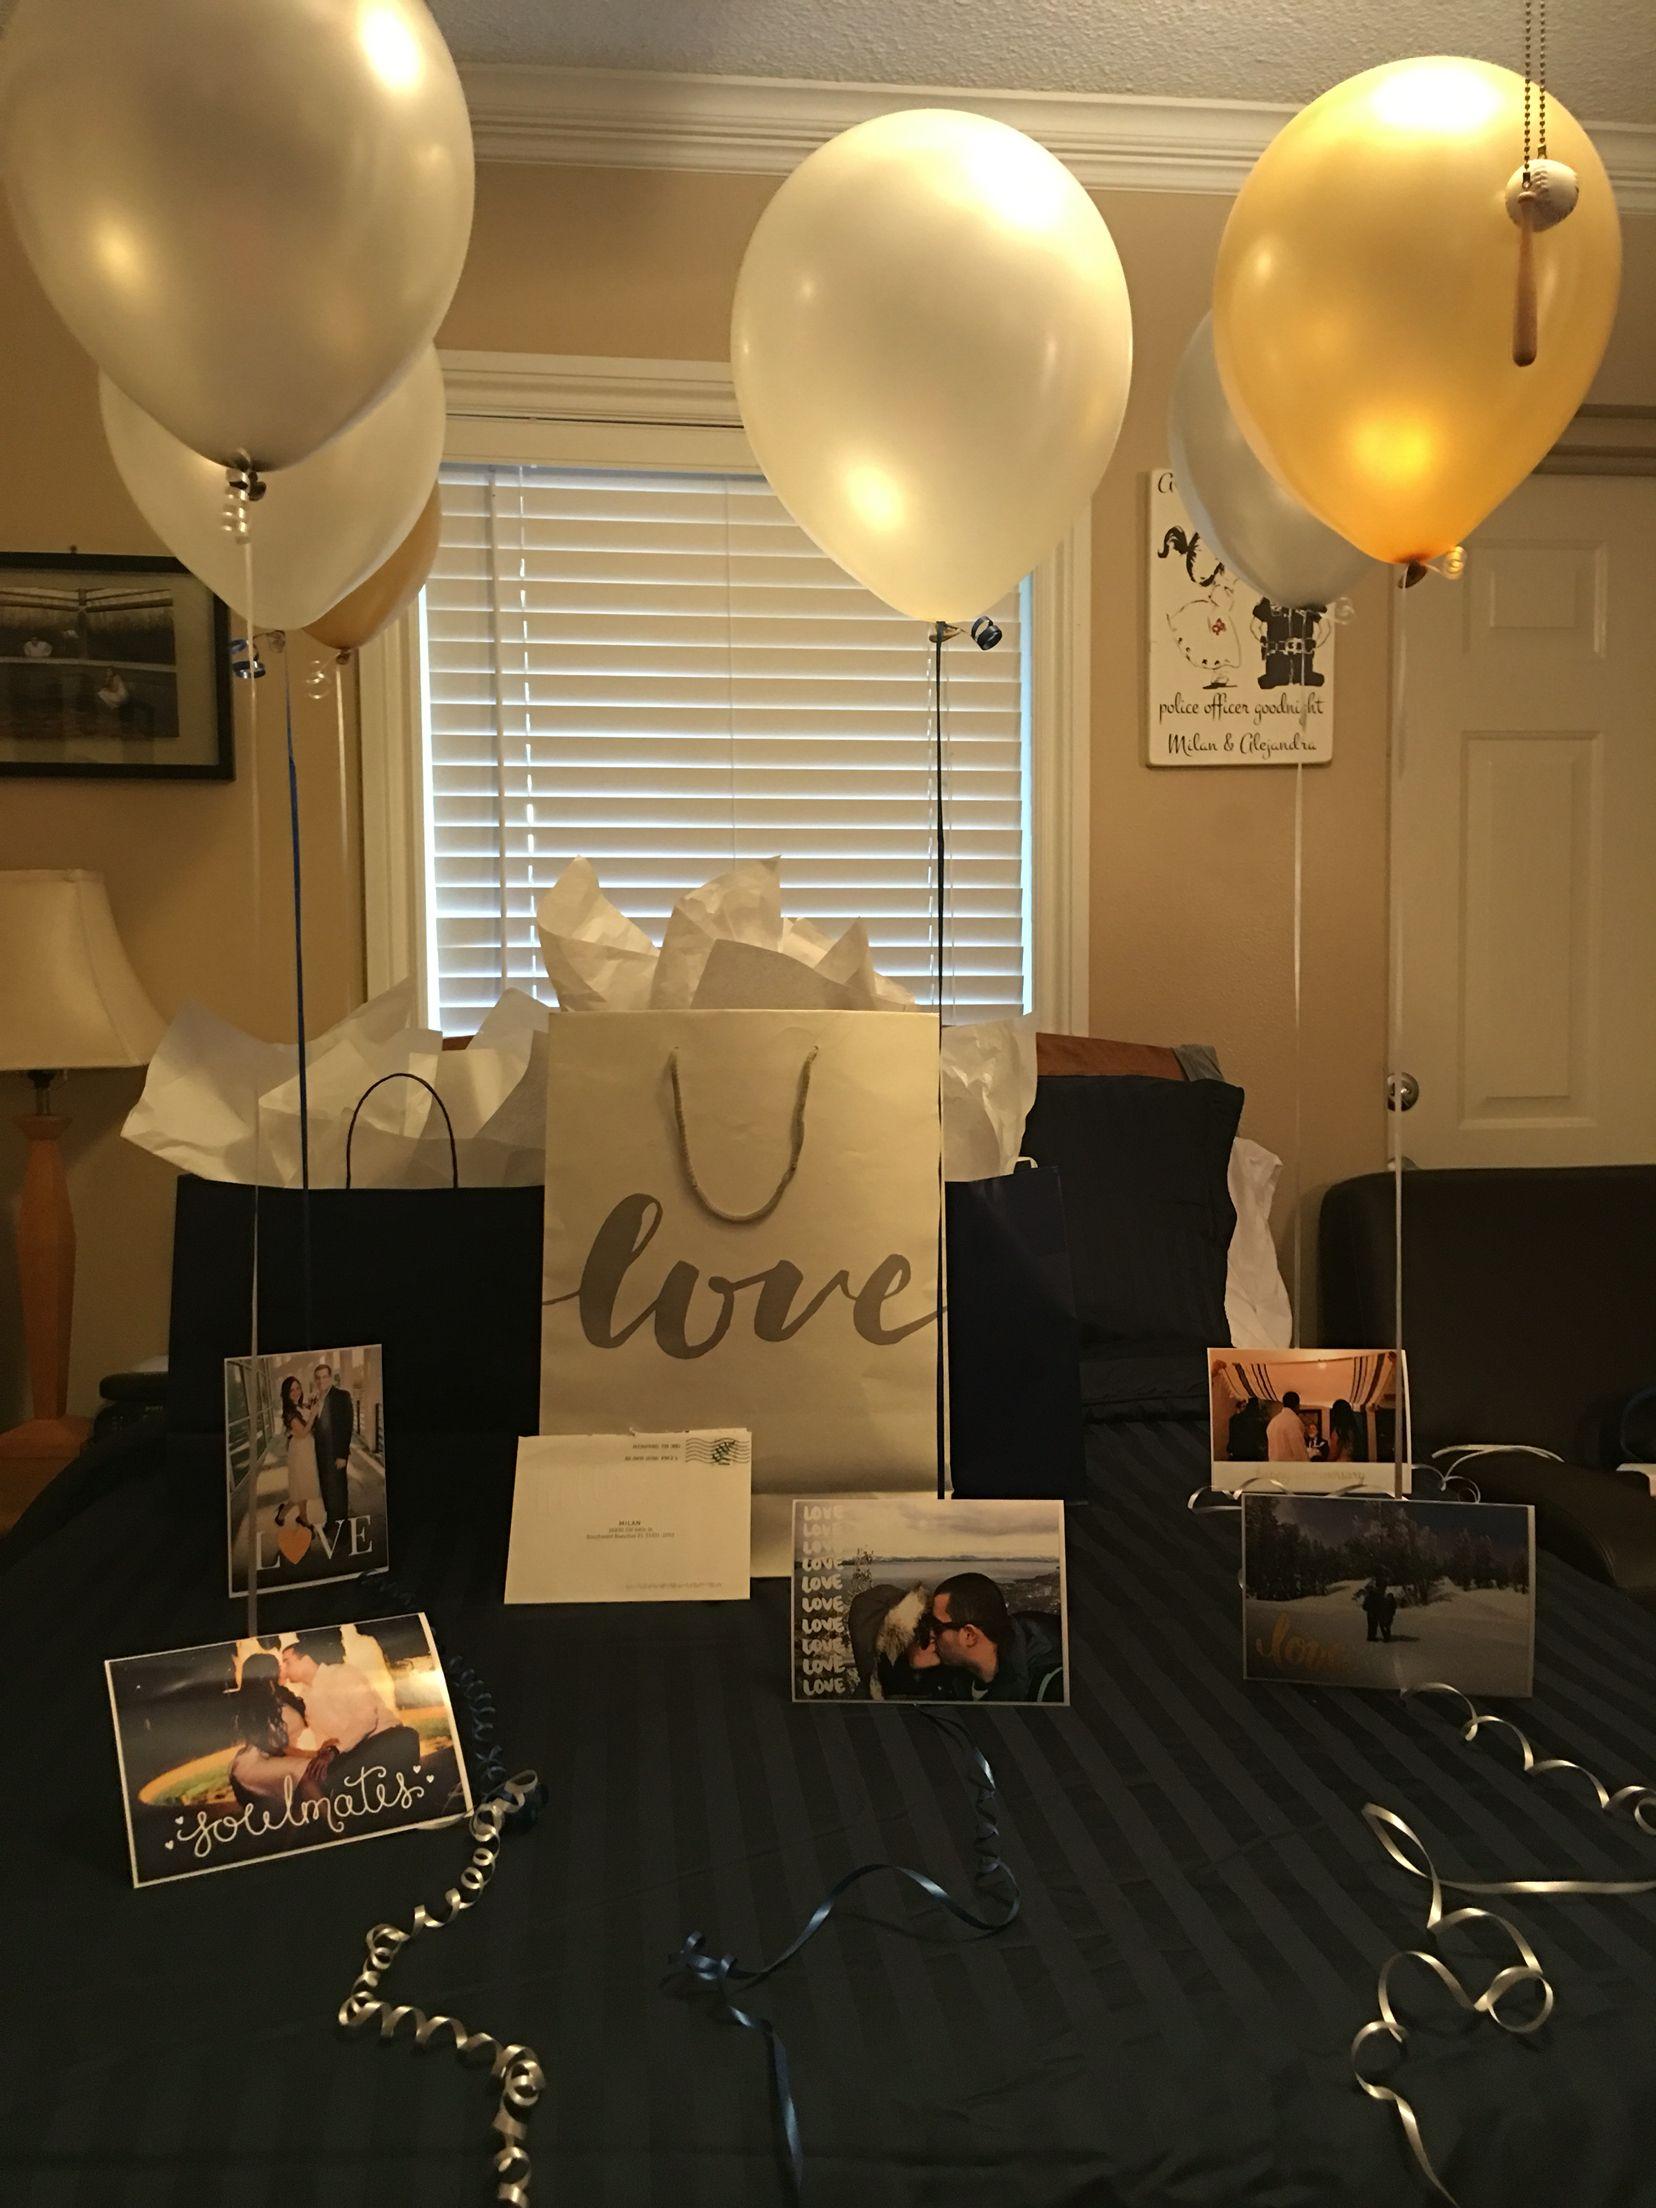 One Year Anniversary … Birthday surprise boyfriend